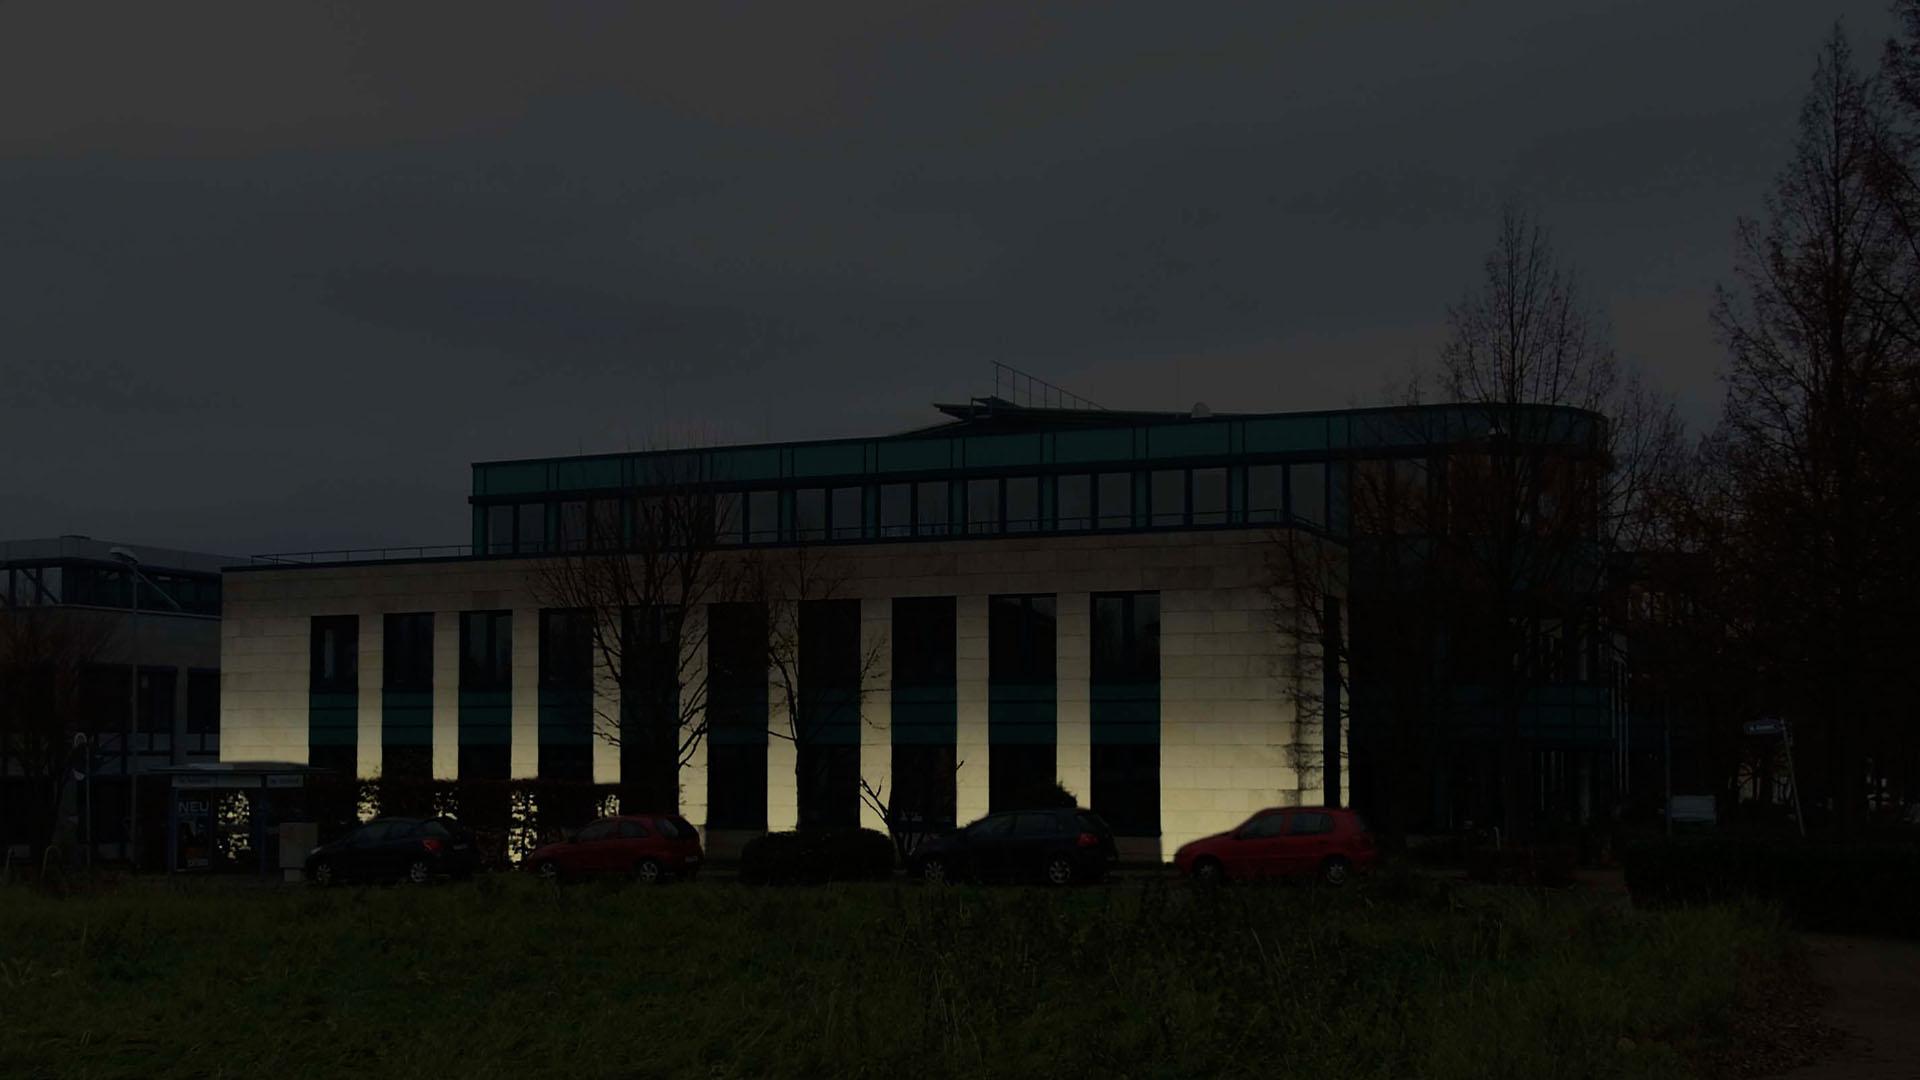 MAASS-Lichtplanung_Fassadenbeleuchtung Bürogebäude__MAASS-HP-001